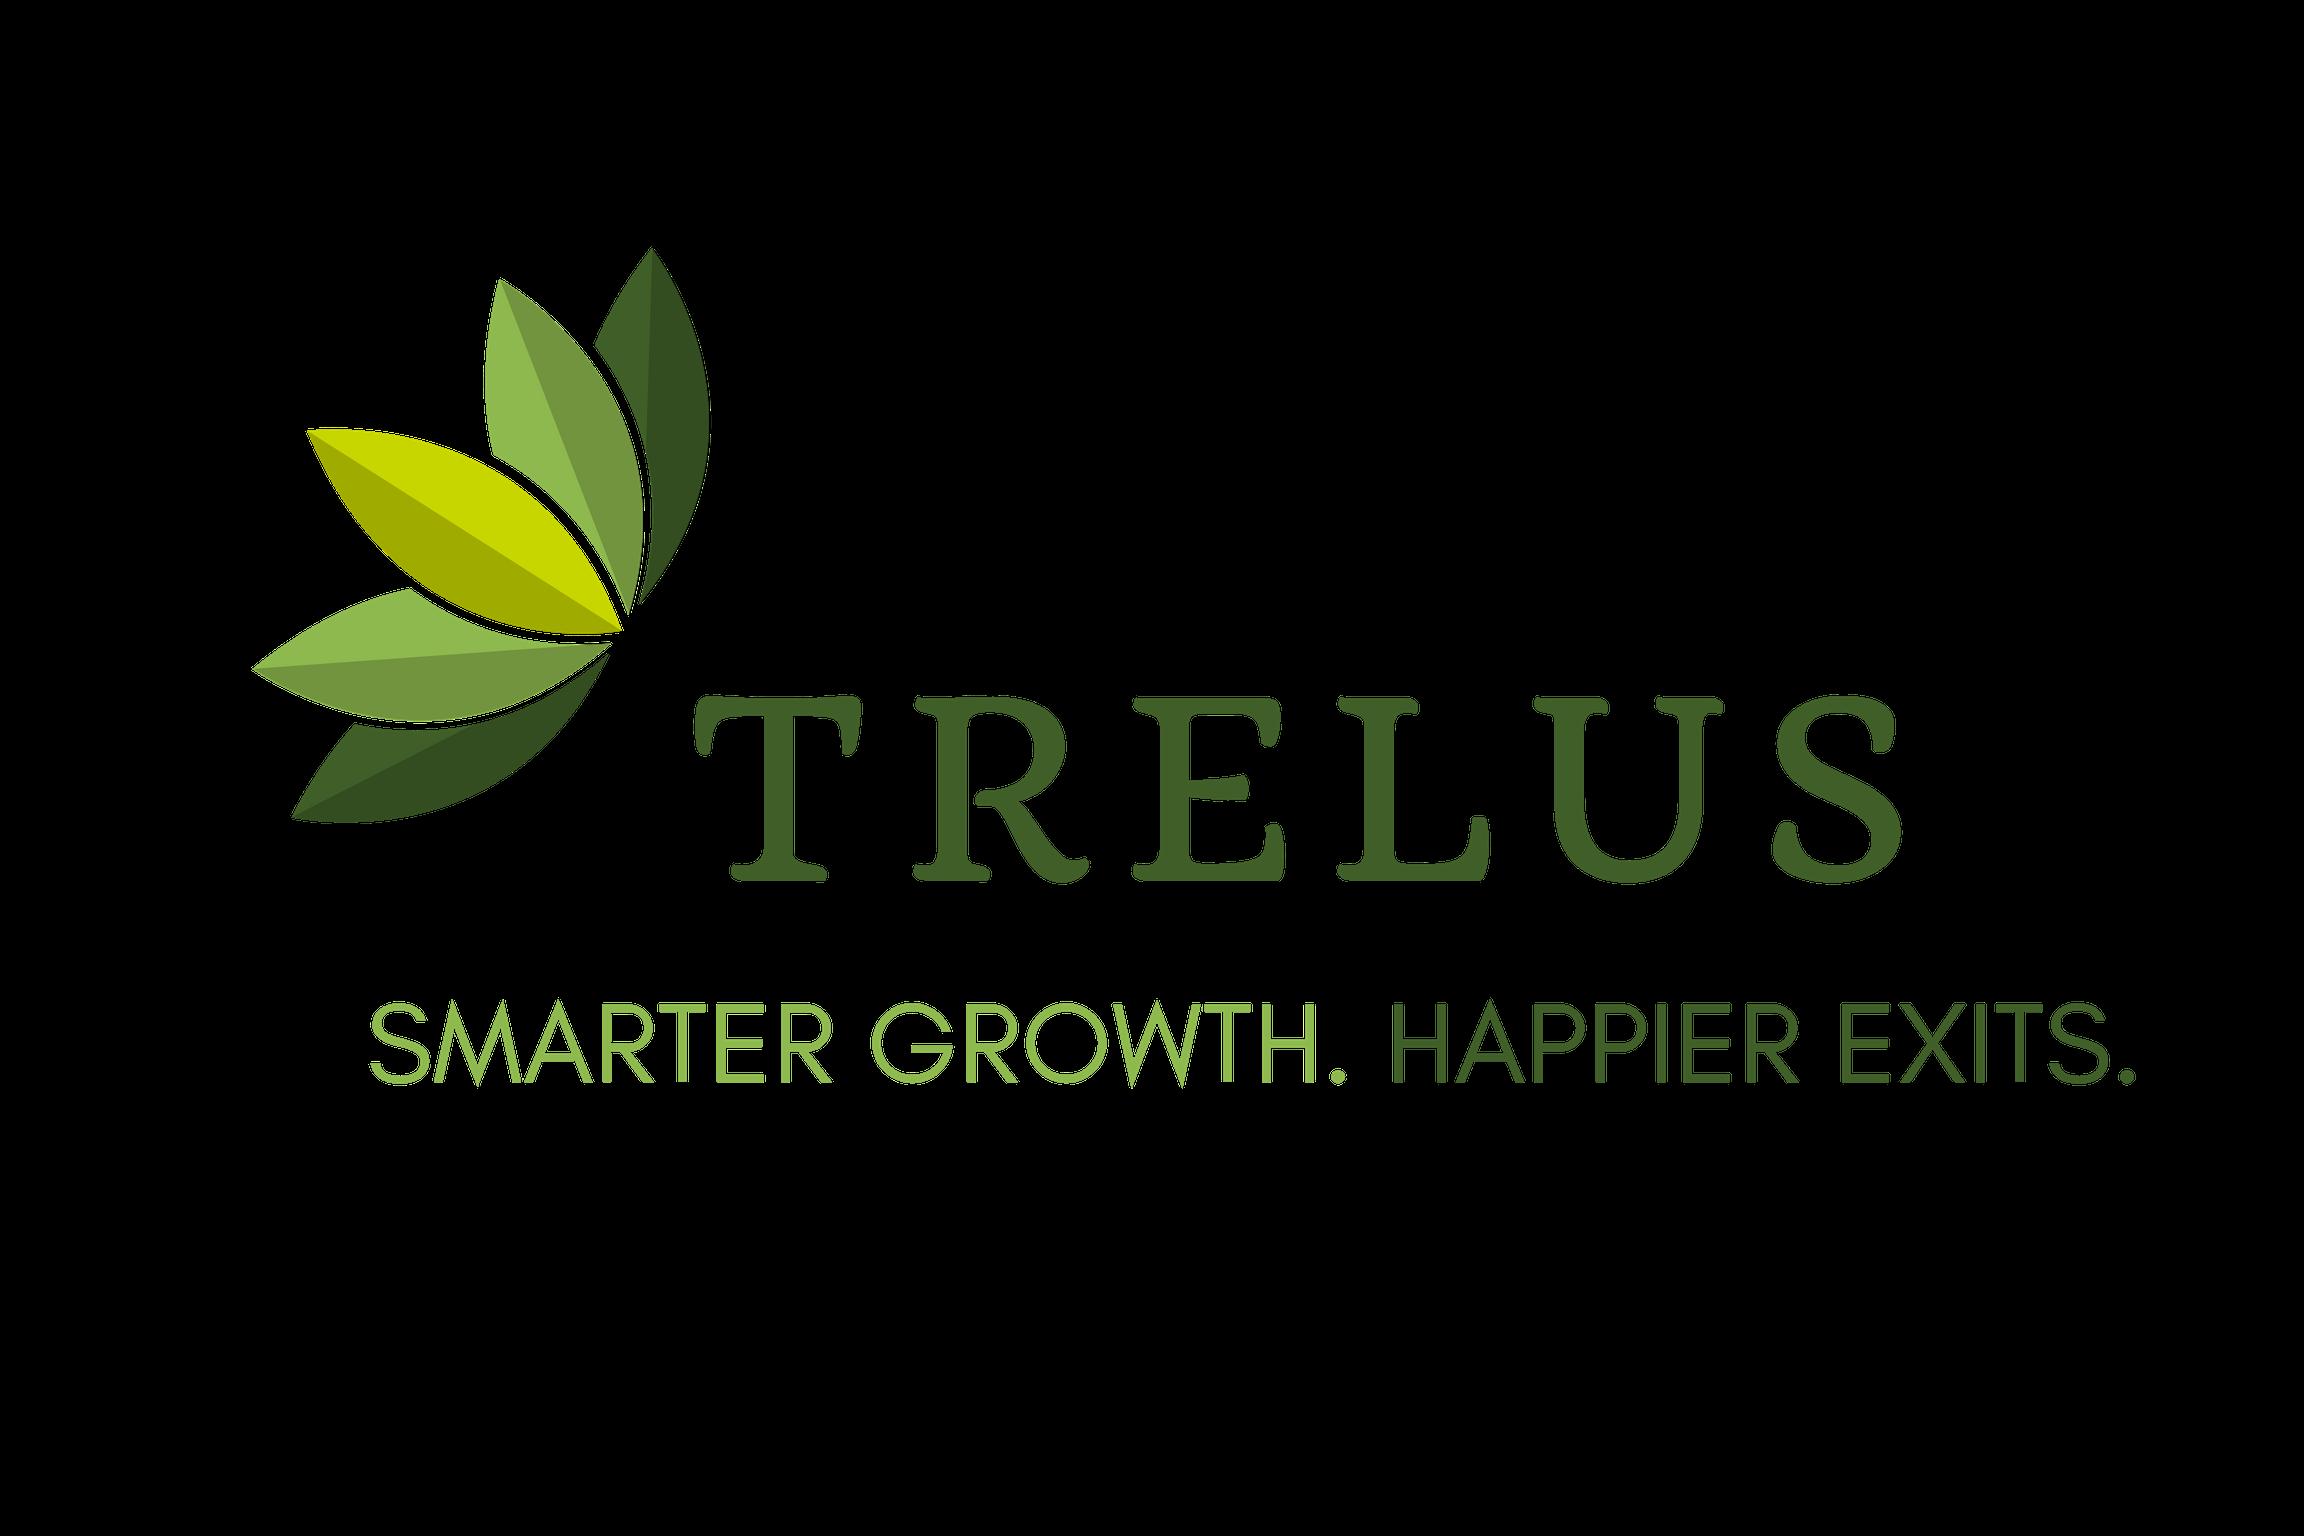 Trelus